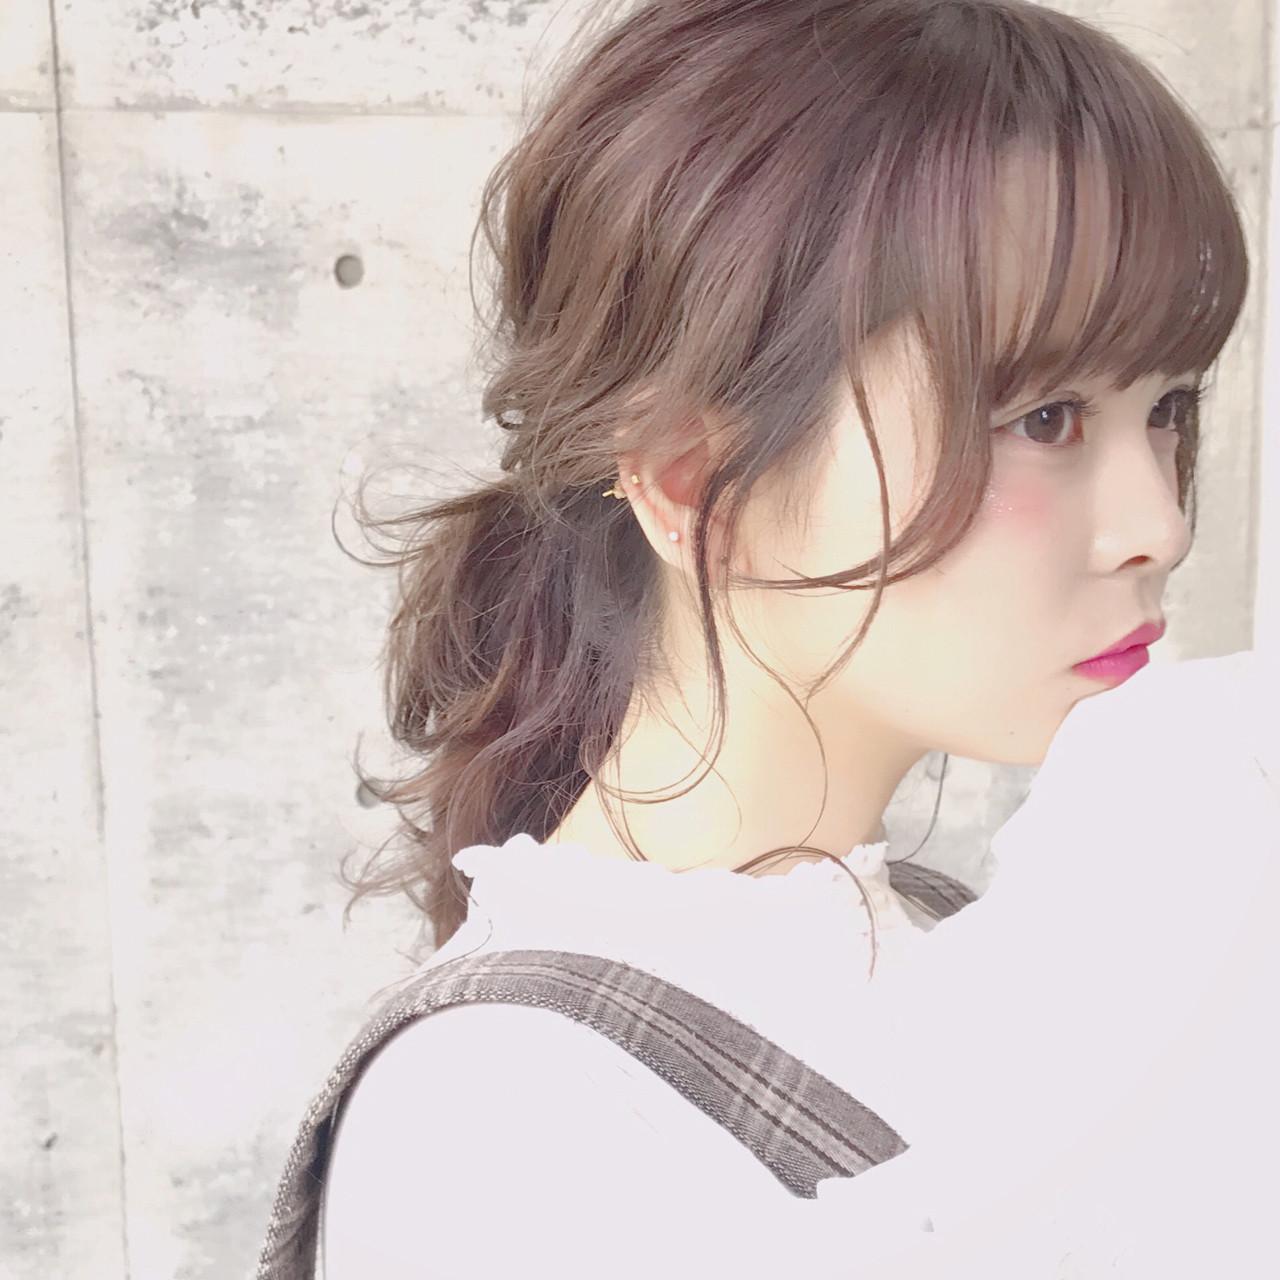 フェミニン ポニーテール 簡単ヘアアレンジ おフェロ ヘアスタイルや髪型の写真・画像